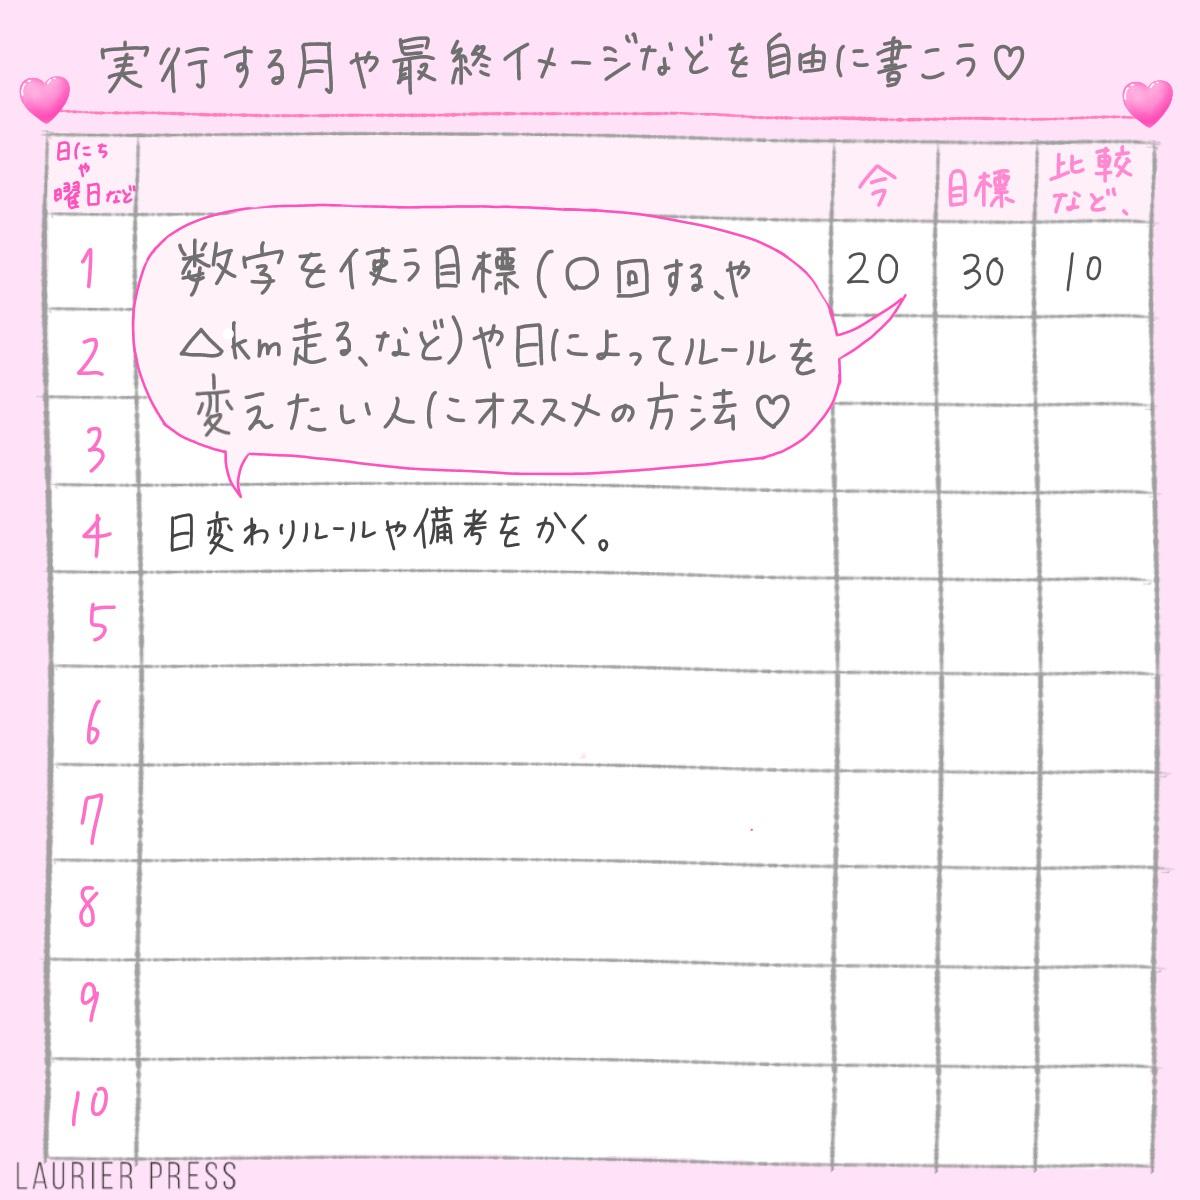 勉強や自分磨きのやる気アップ 女子力を高めるノートの使い方アイデア